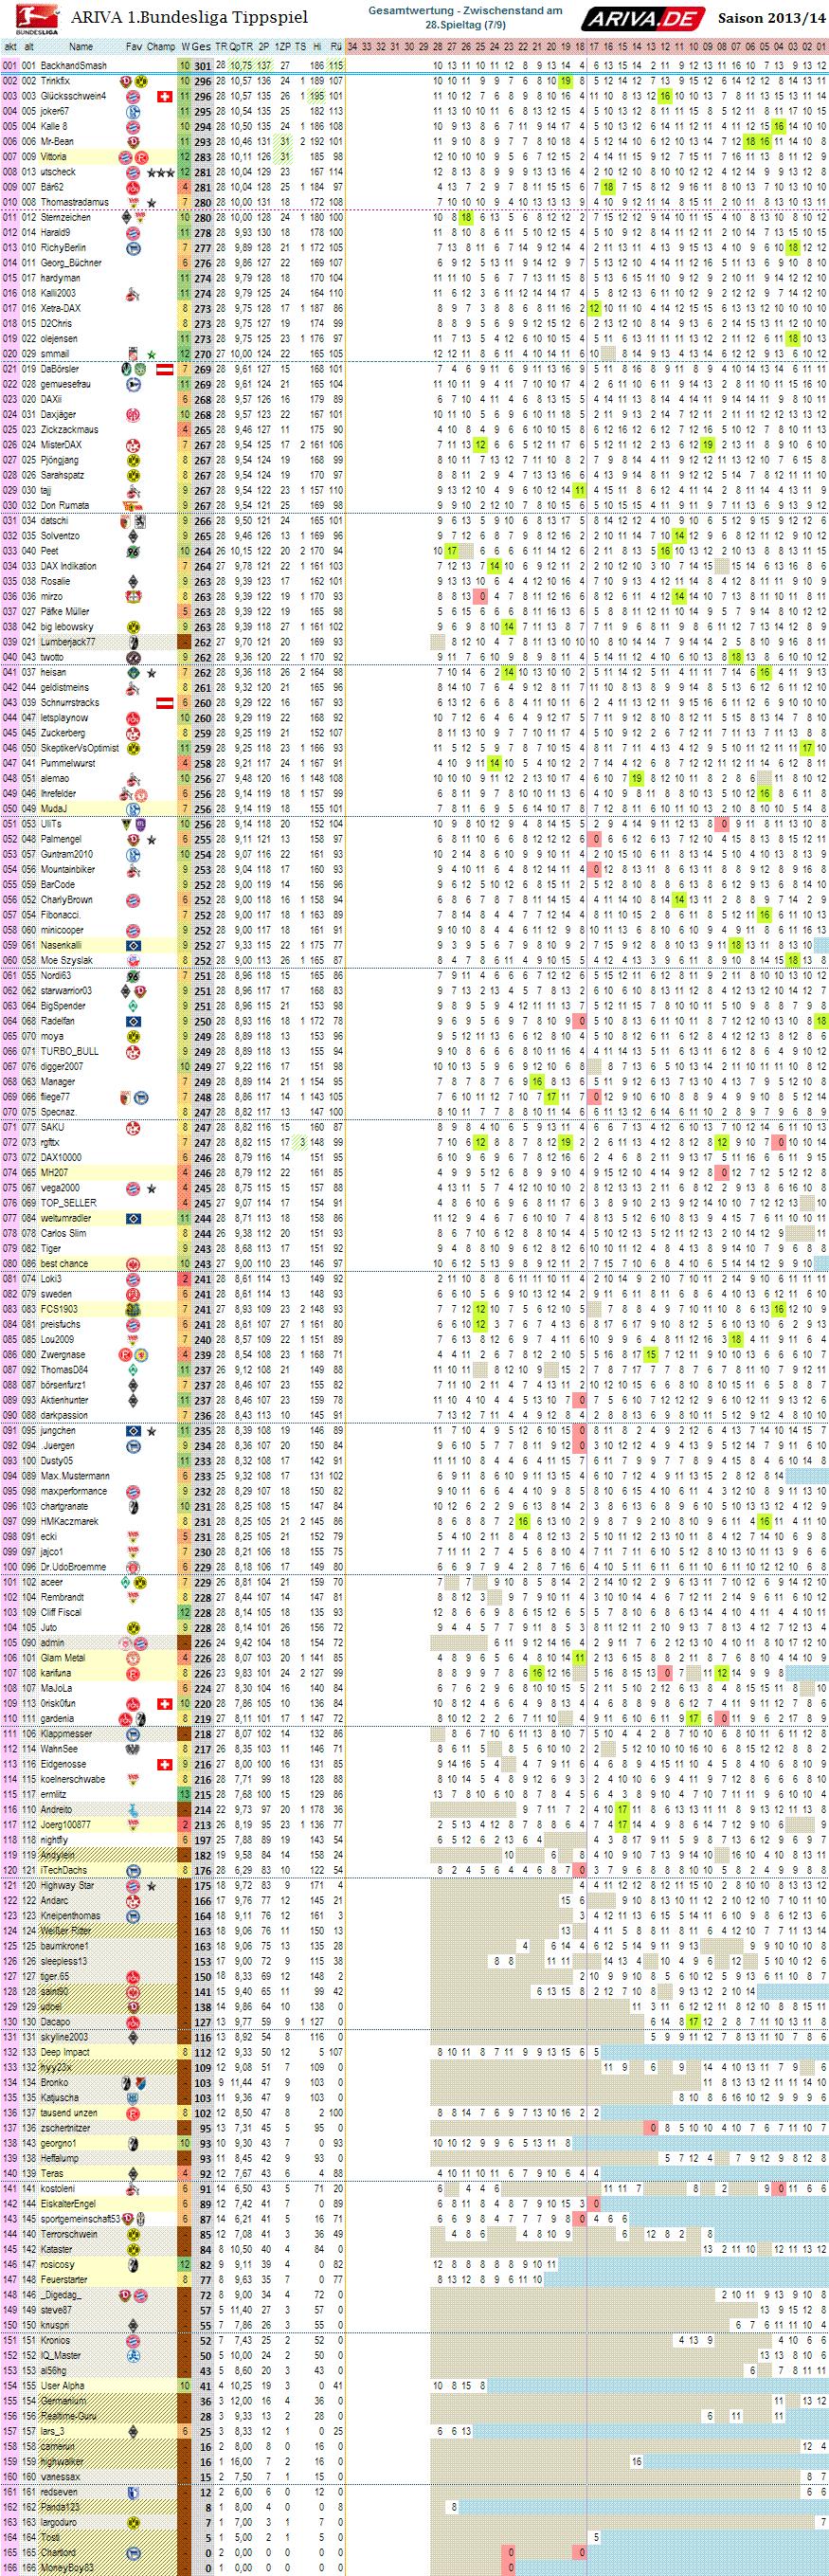 1bl_gesamtwertung_28.png